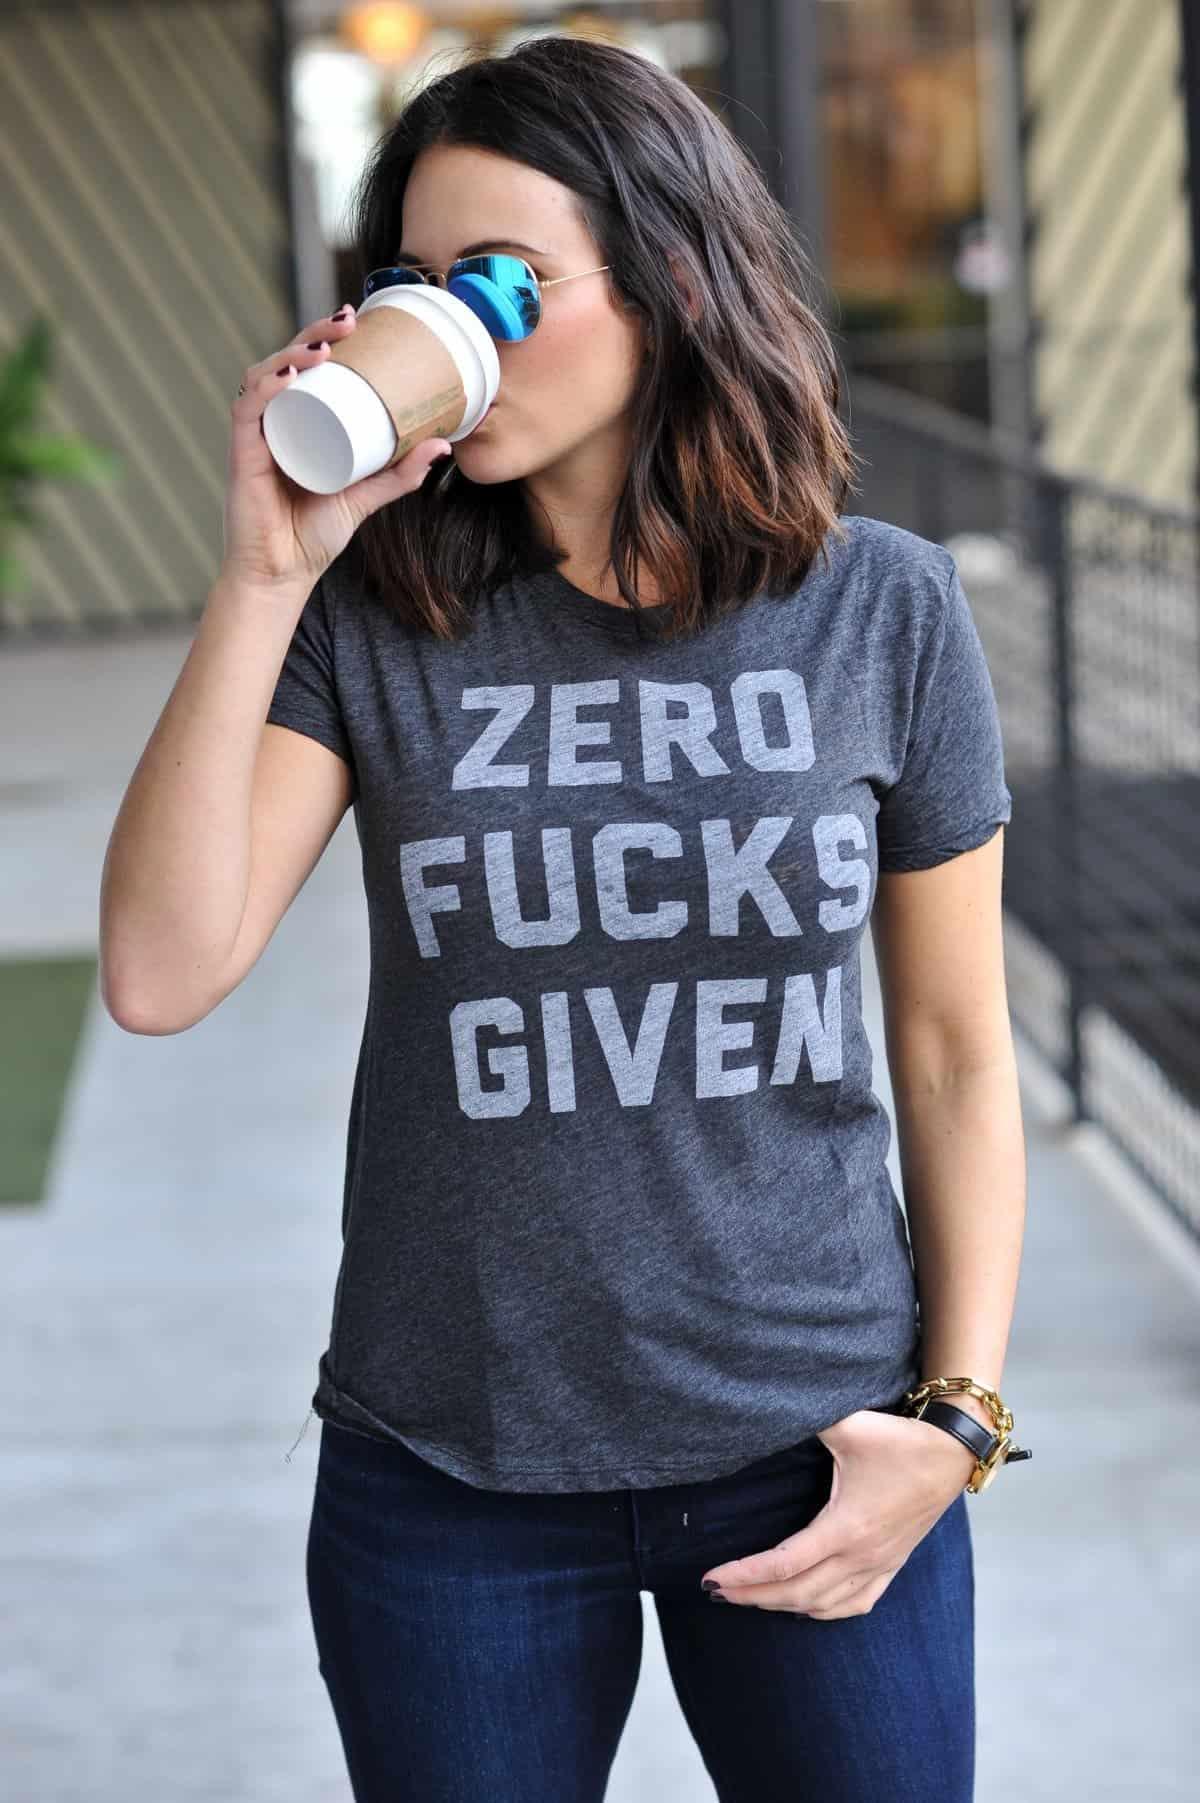 zero fucks given tee - @mystylevita